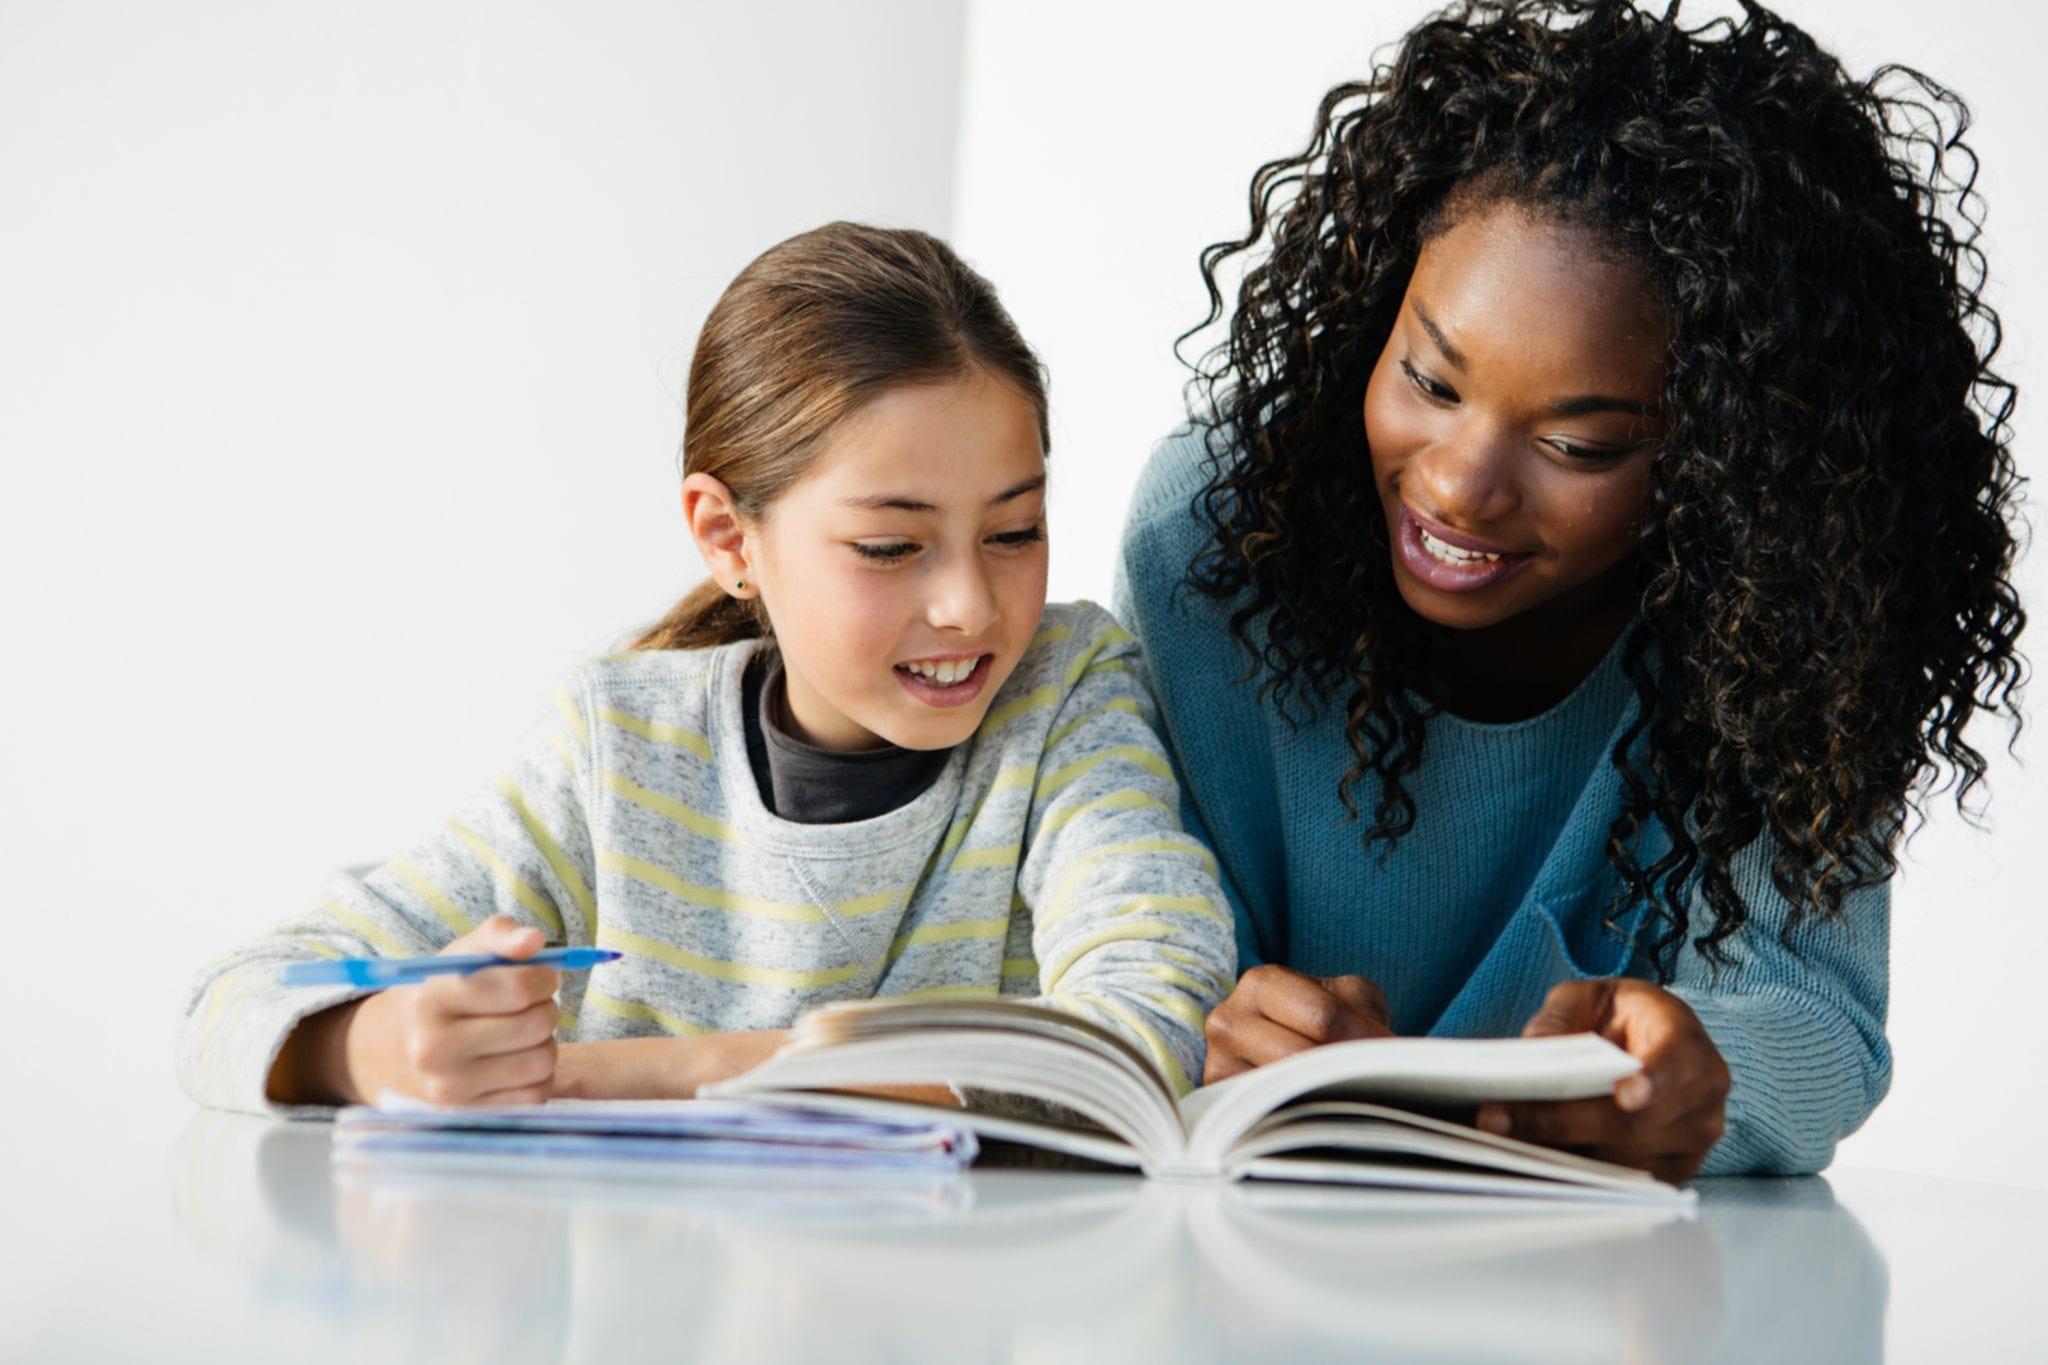 Ribuan siswa sudah bergabung sebagai siswa GURULESPRIVATE dan mendapatkan manfaat peningkatan prestasi, lolos UN dengan nilai memuaskan dan lolos PTN